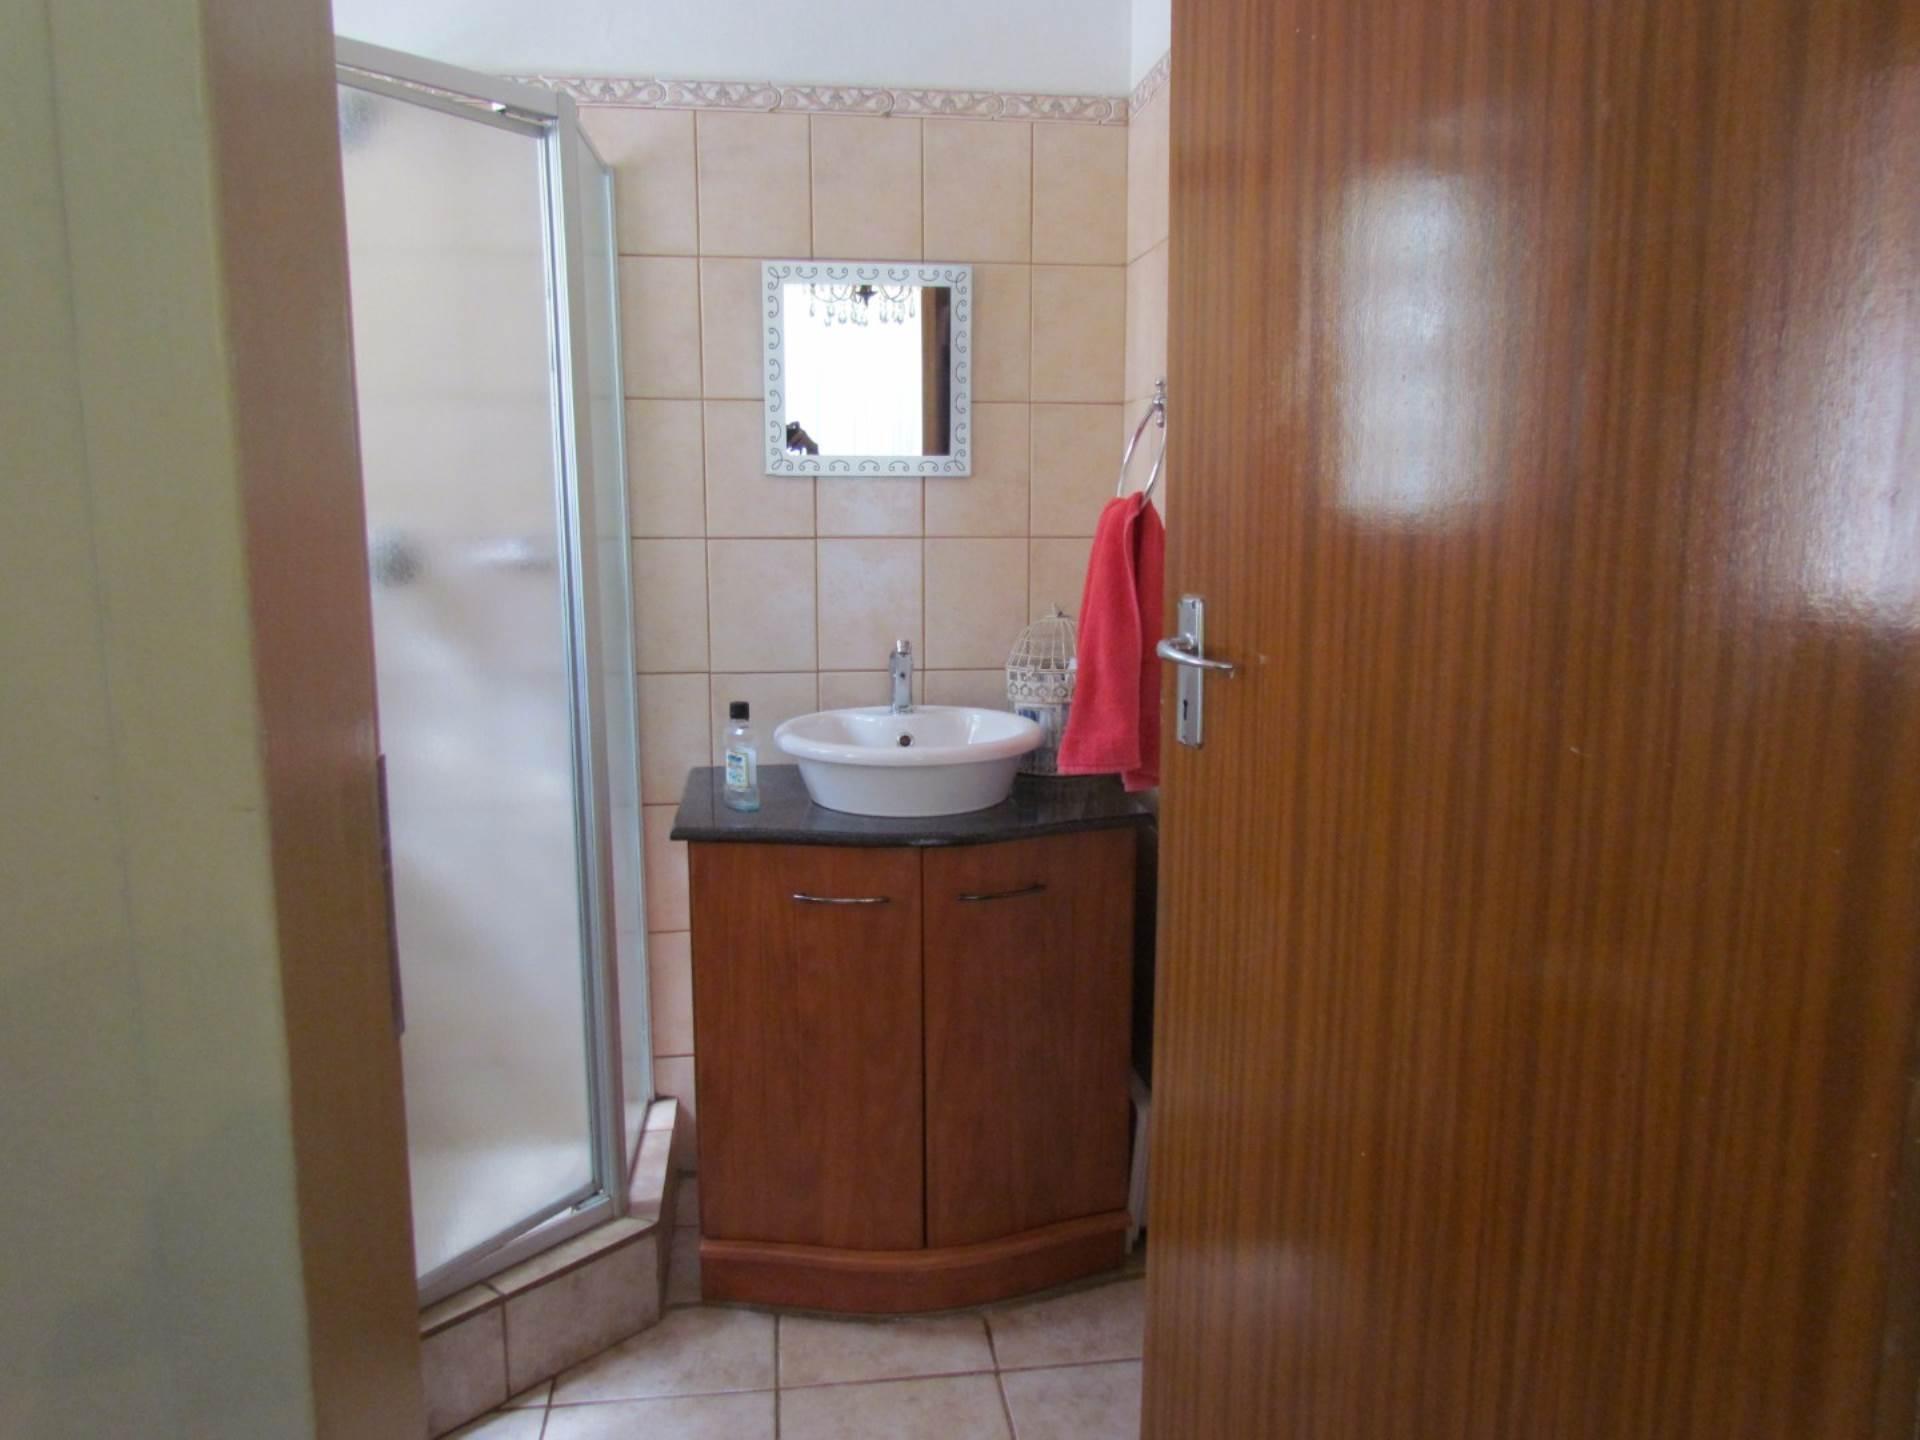 Elarduspark property for sale. Ref No: 13544106. Picture no 7